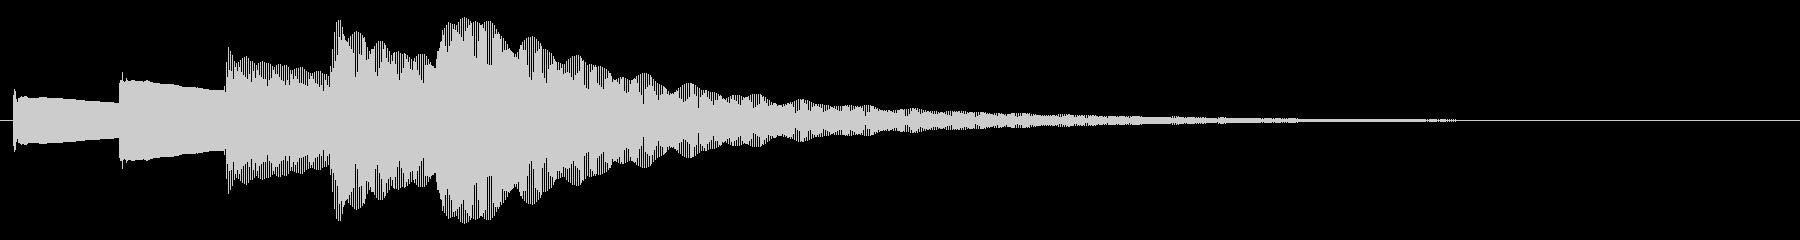 ピンポンパンポンピン(お知らせ)下降の未再生の波形